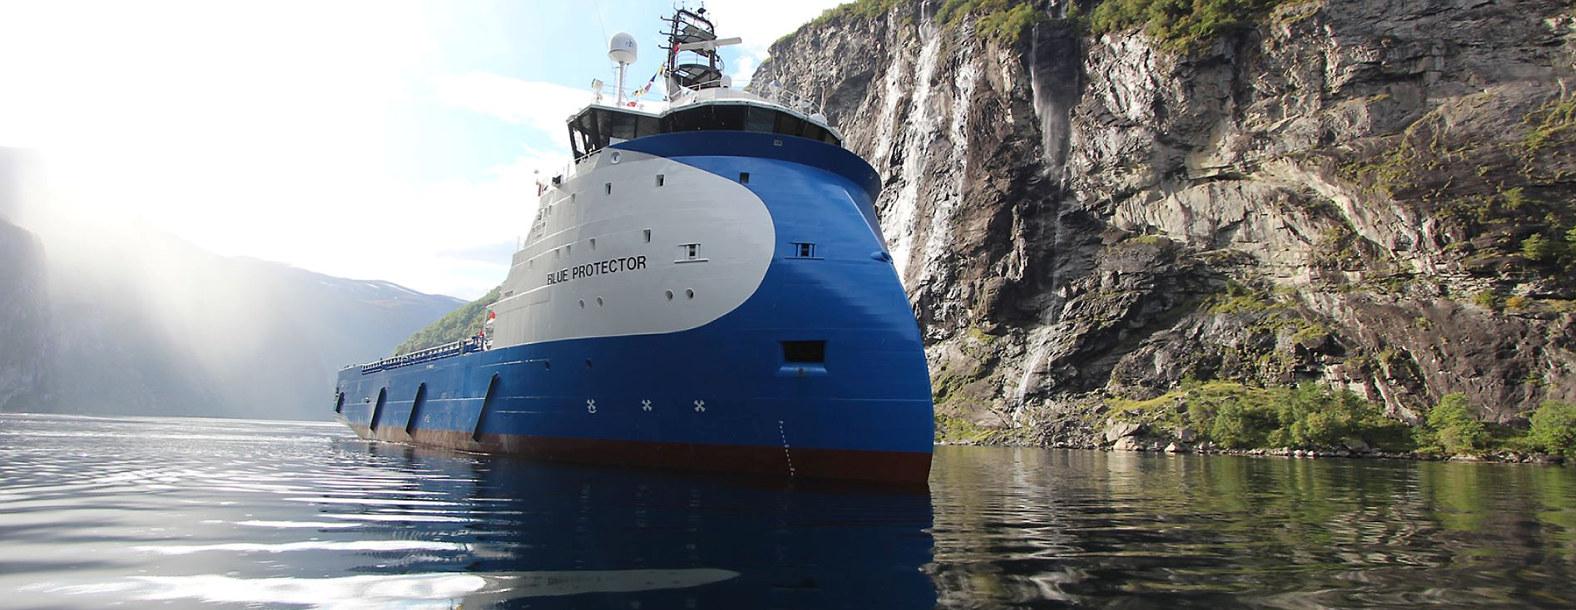 Et offshorefartøy på vei inn en fjord.